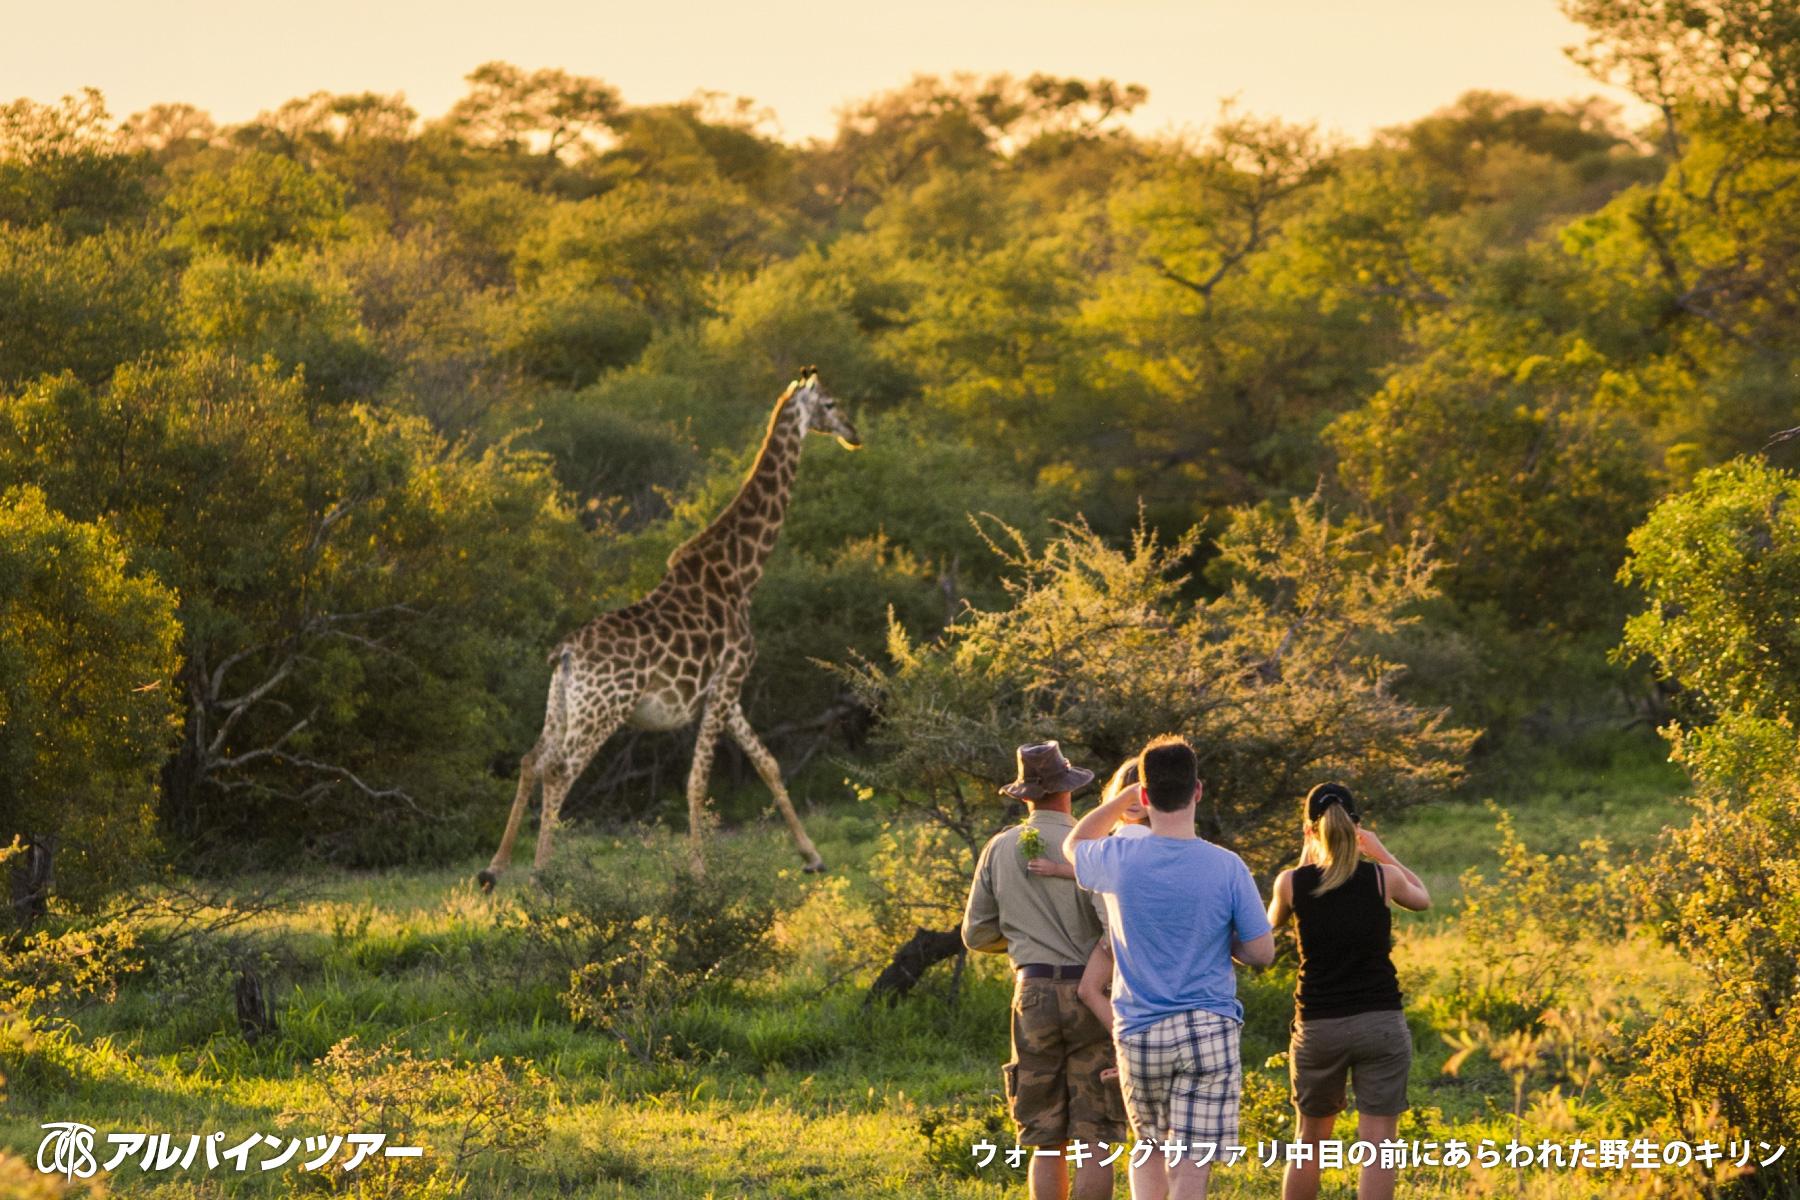 【エリア紹介】 野生動物の楽園クルーガー国立公園(南アフリカ)